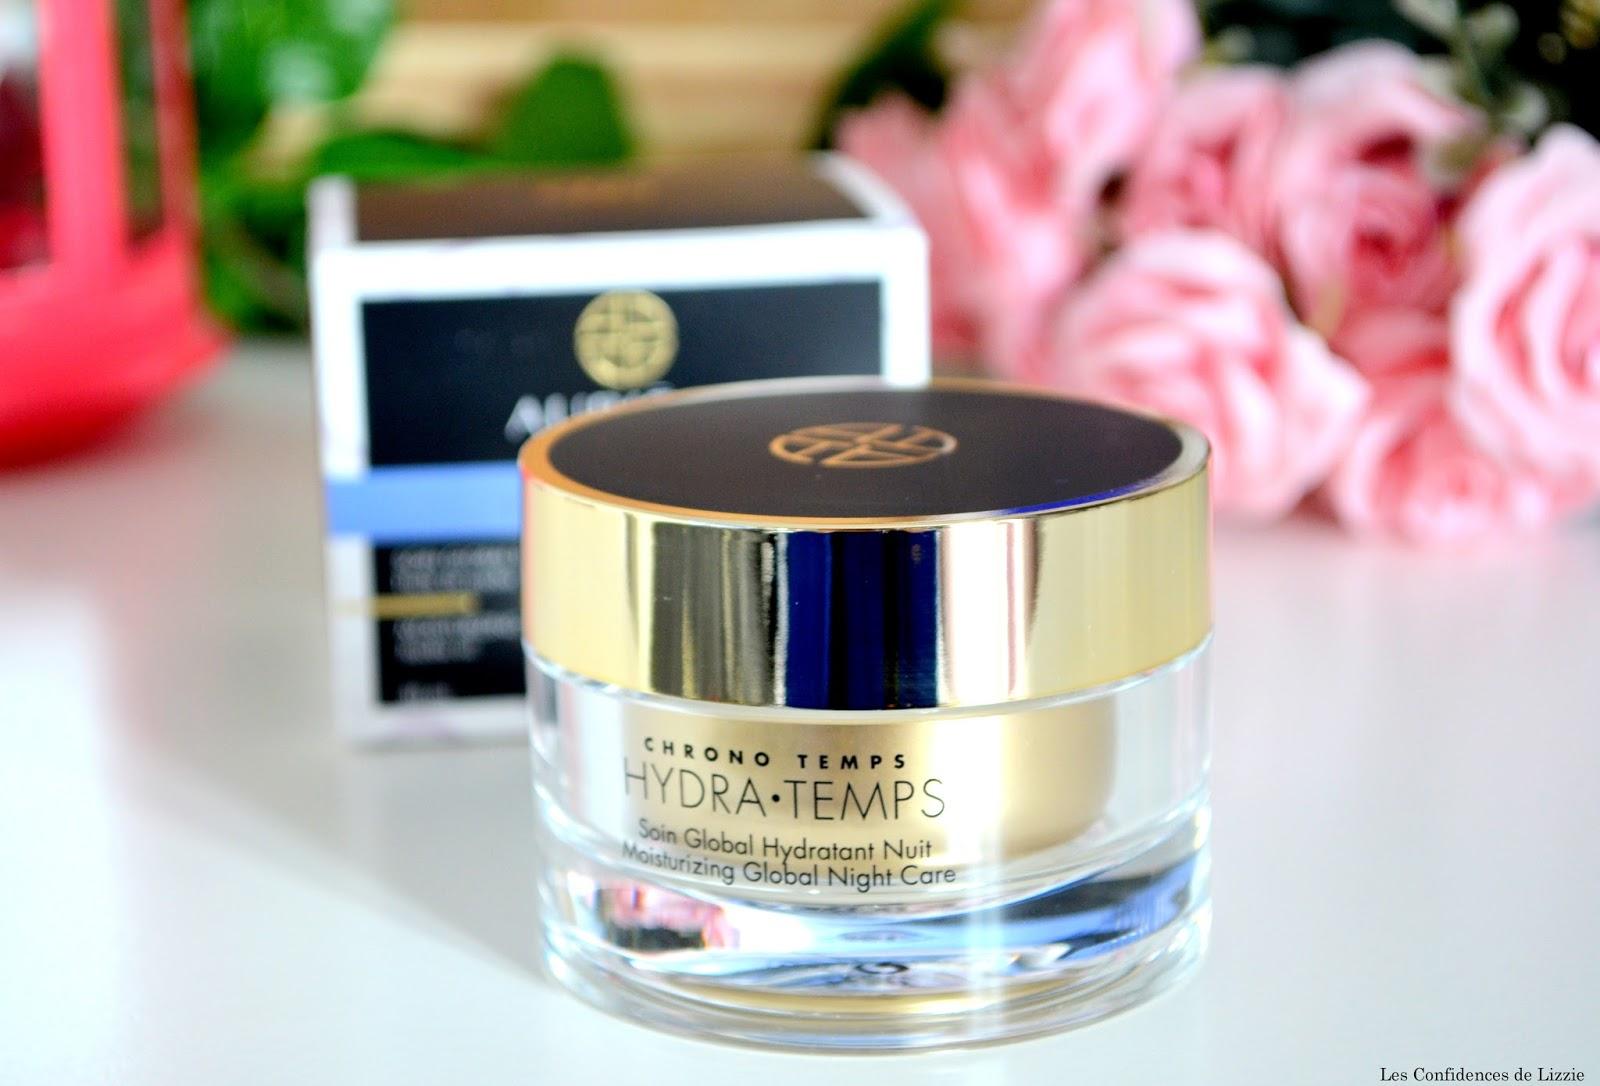 30 ans - trentenaire - routeine beauté - produits de beaute - cosmetiques anti age -  eau micellaire - contour des yeux lissant - creme de nuit - serum